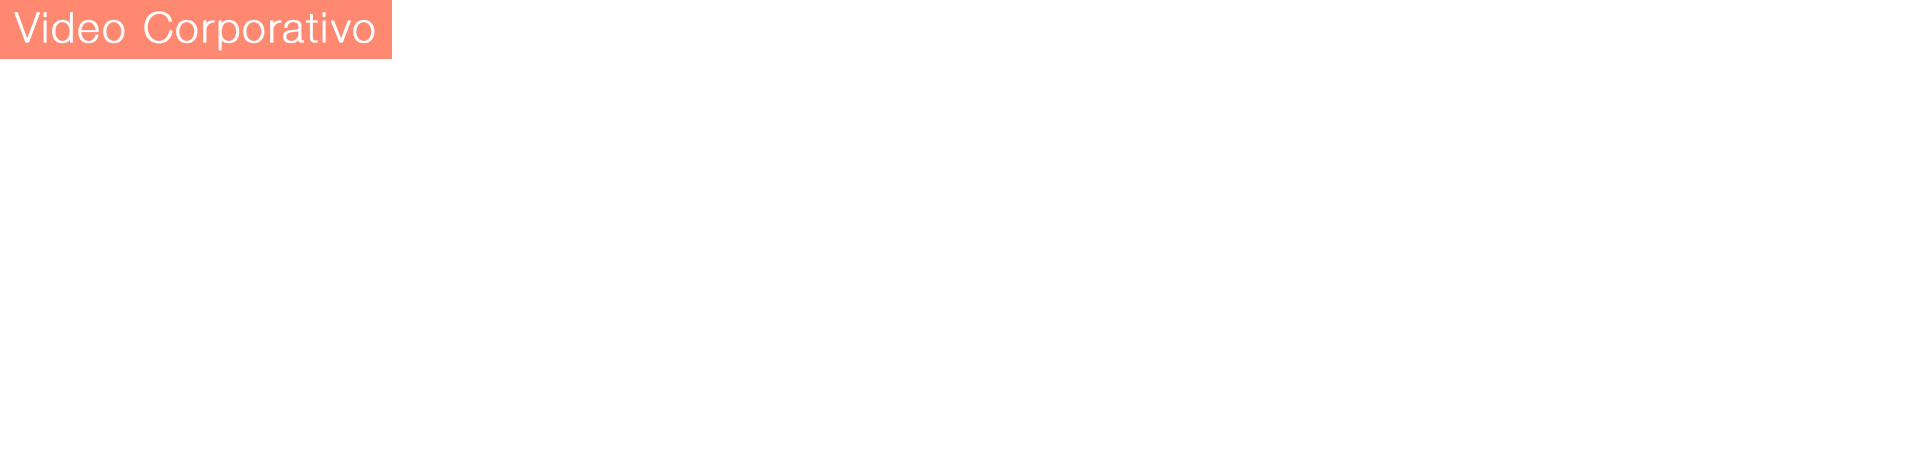 videocorporativo